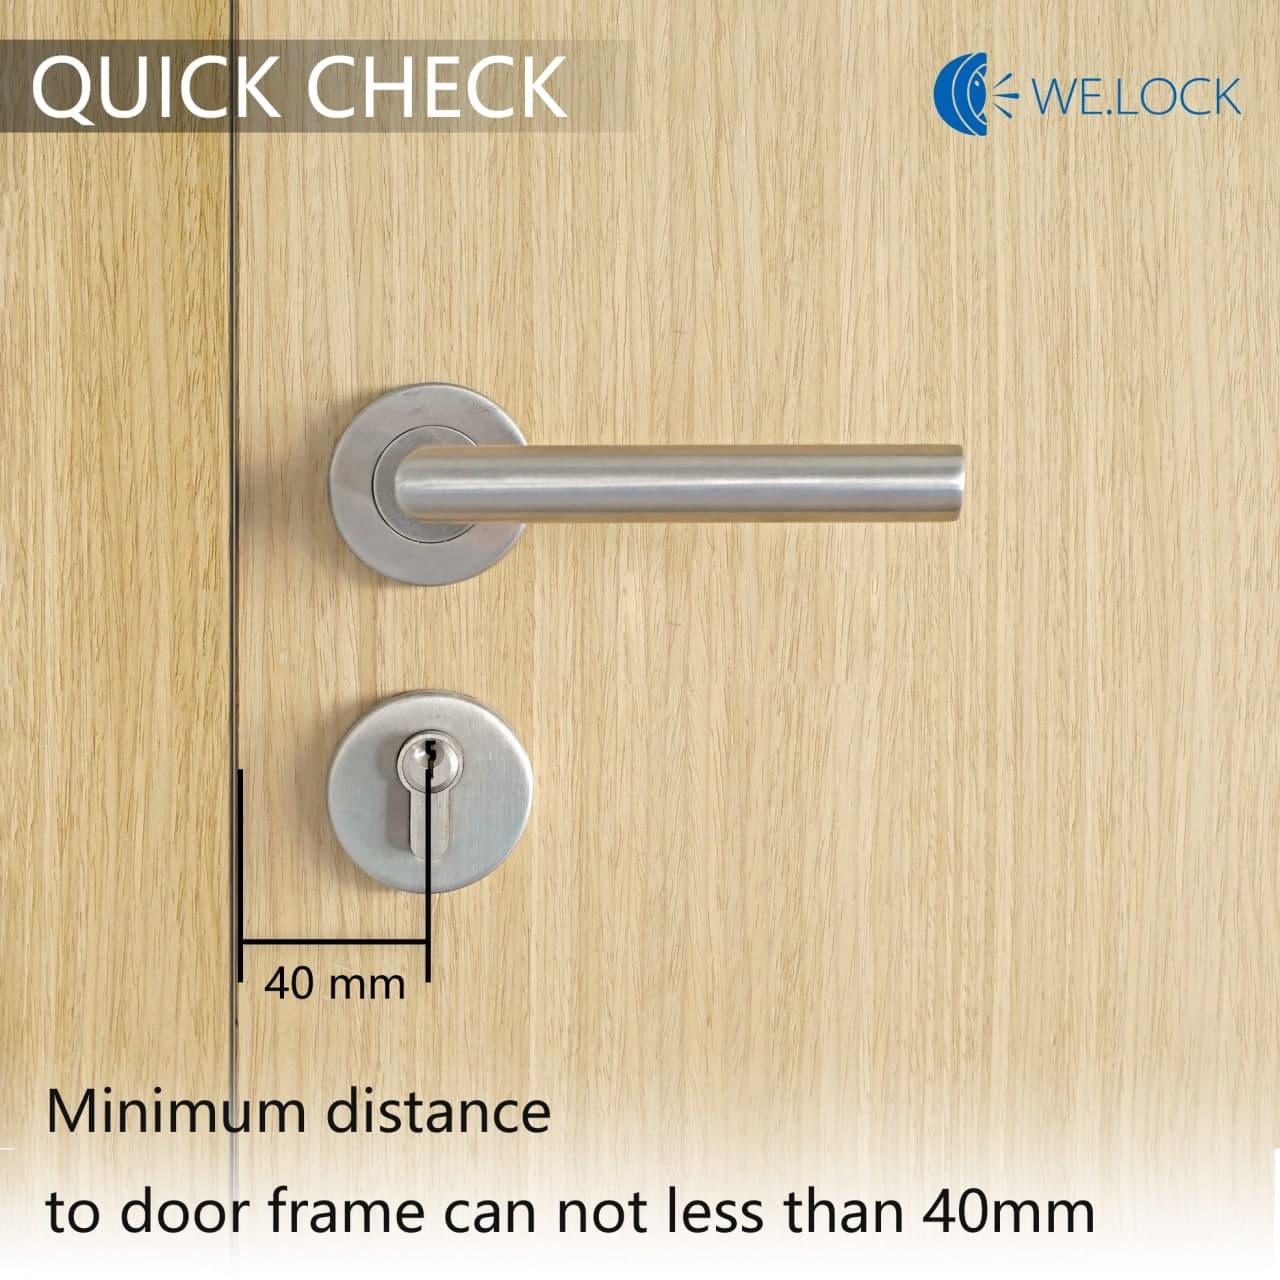 Con le serrature intelligenti WE.LOCK le porte si aprono con un dito 6